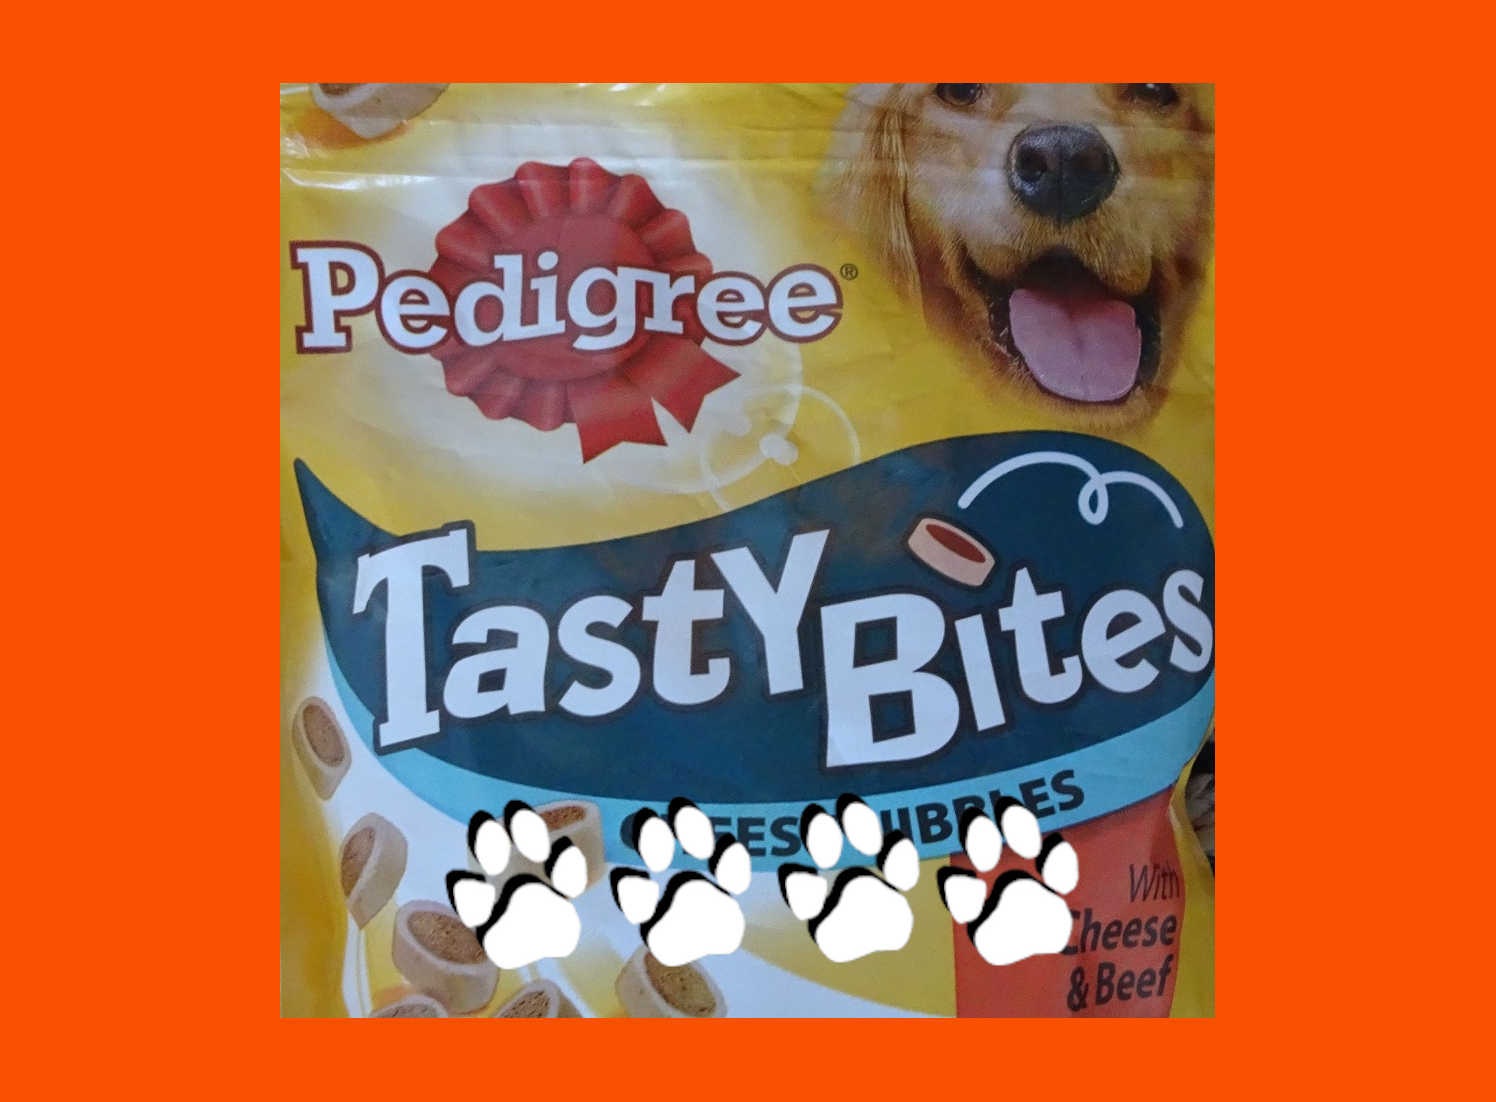 tasty bites 4